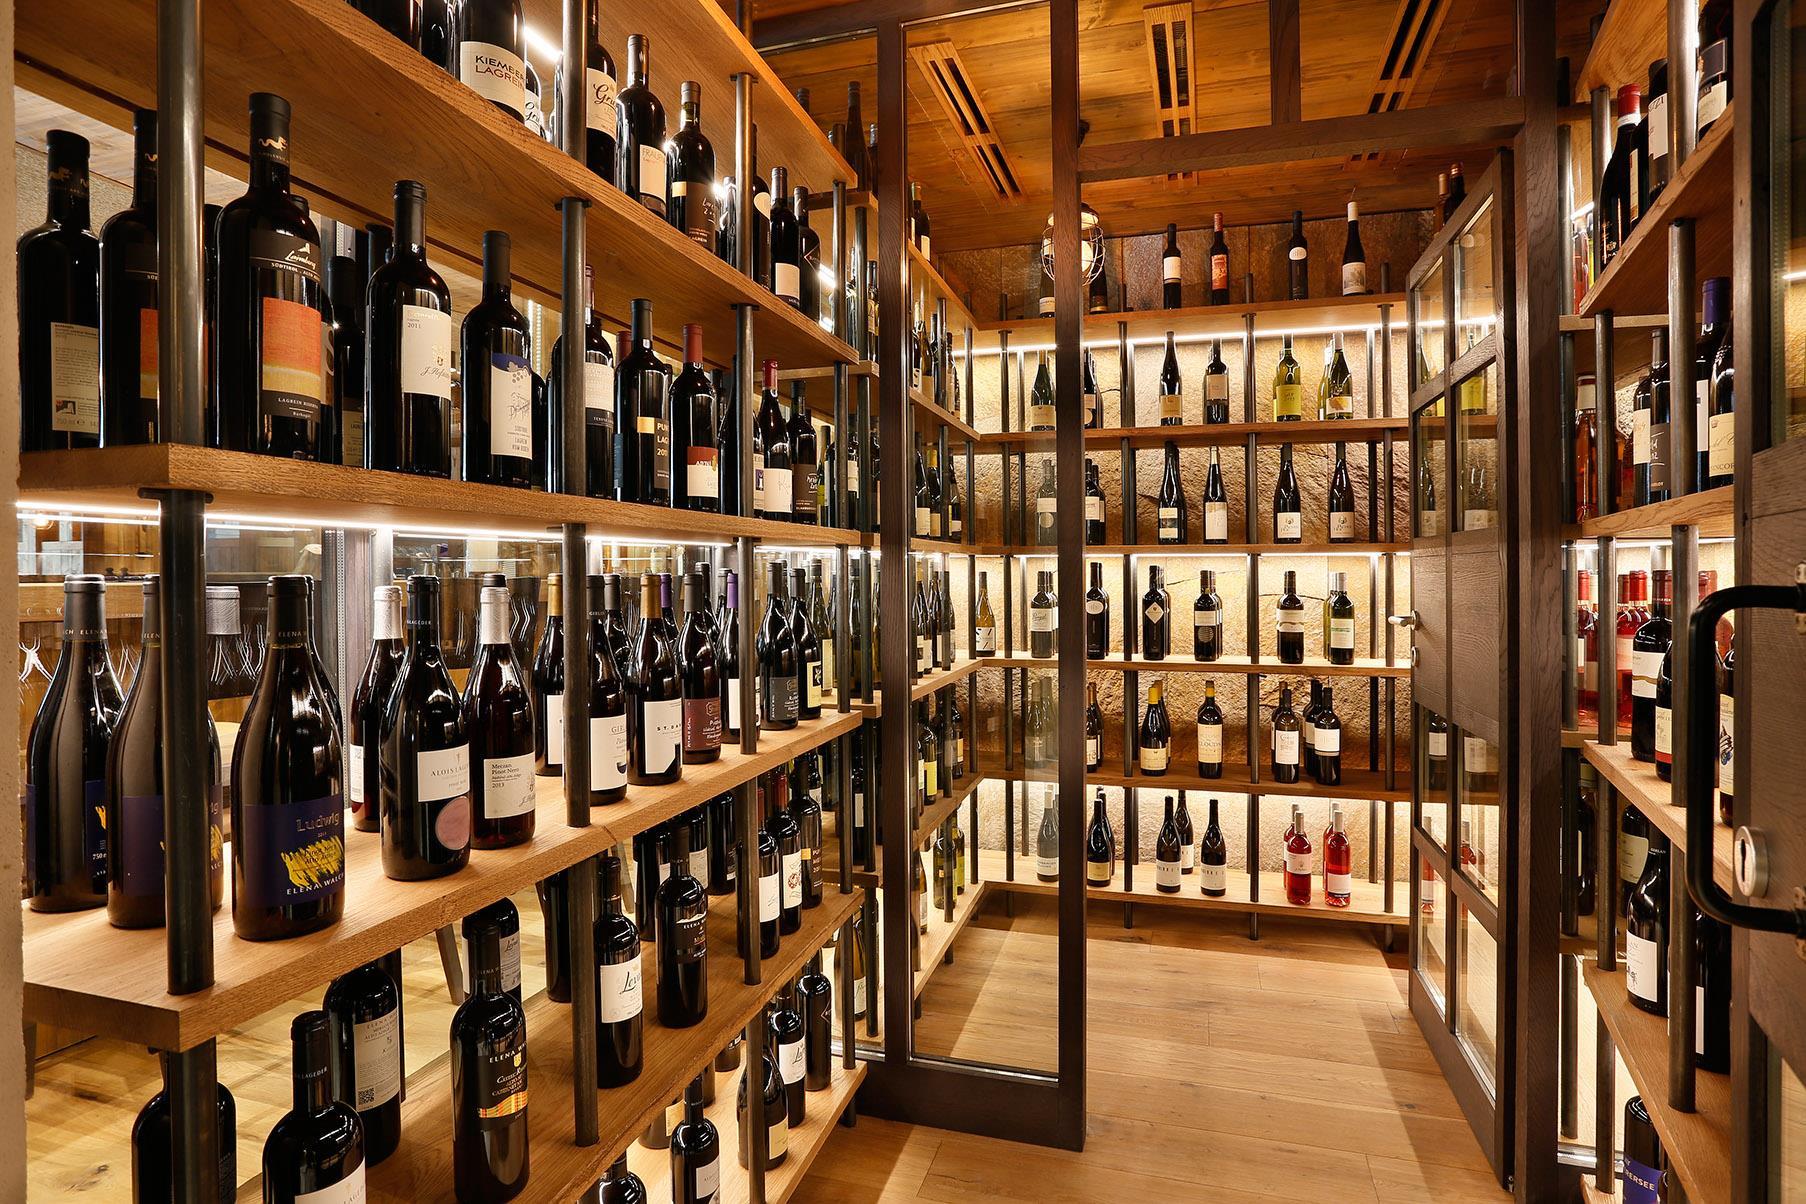 Delicious wines